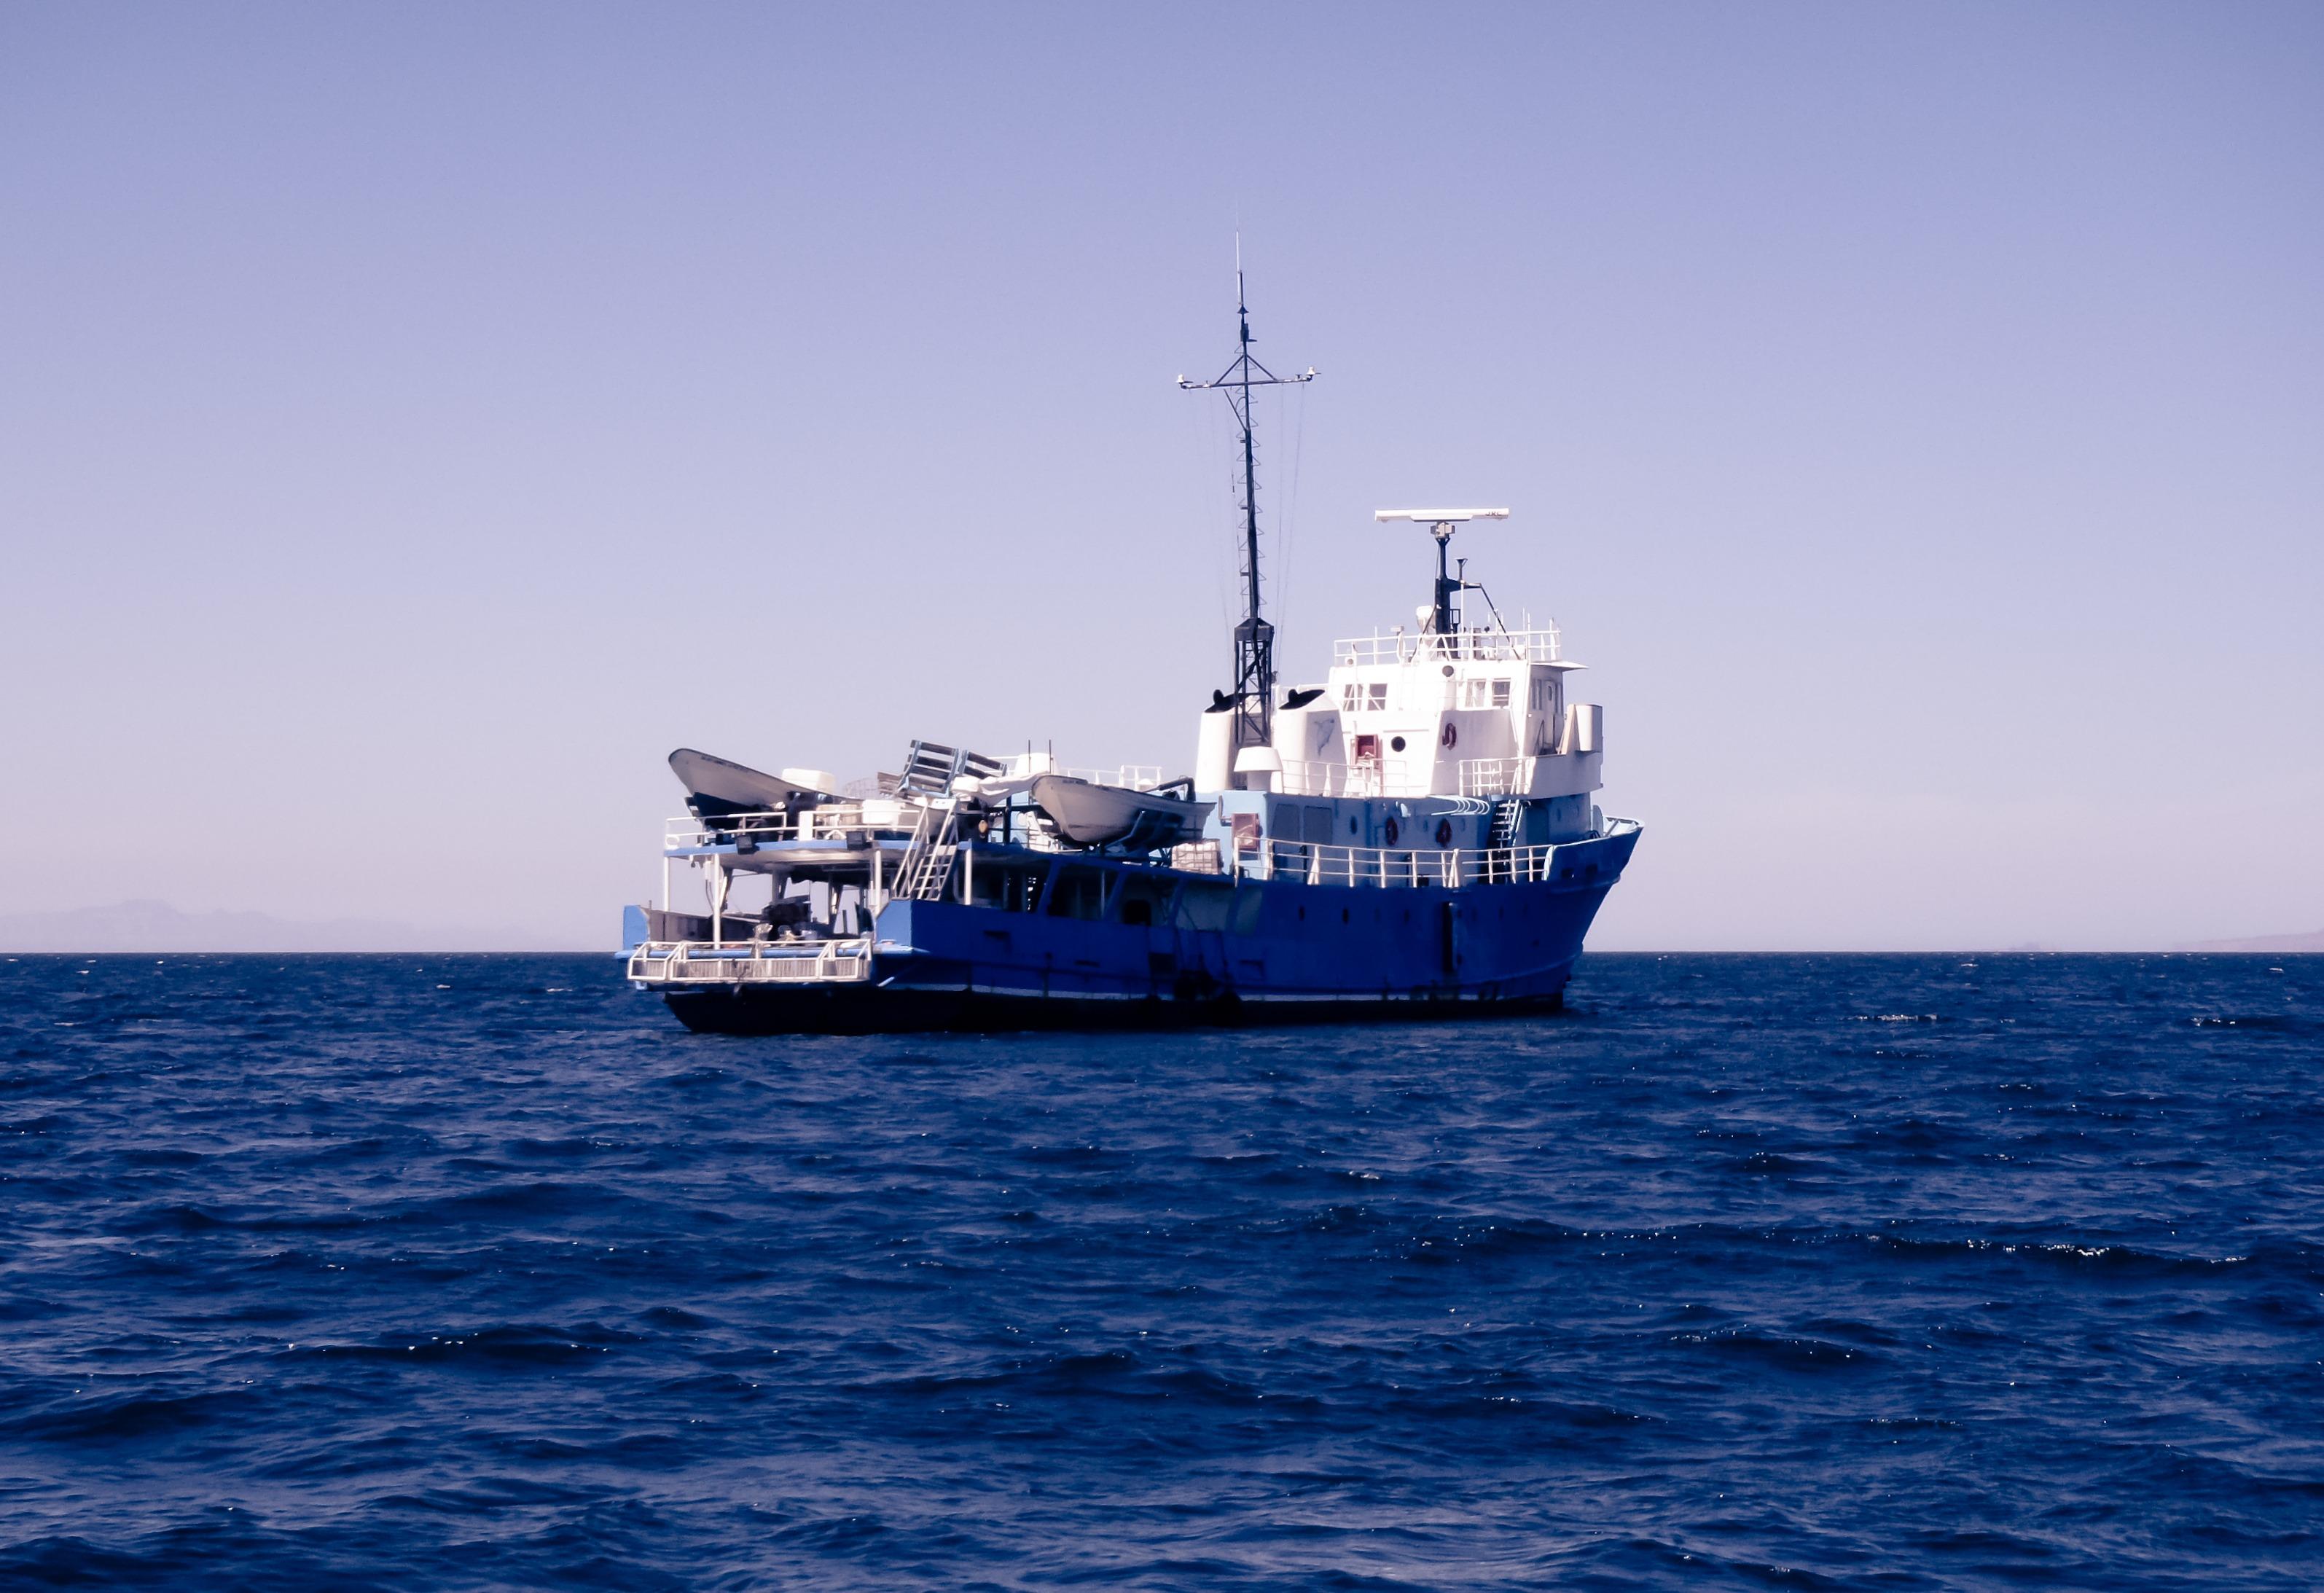 фотографии промысловых судов в море фотоквеста заключается том